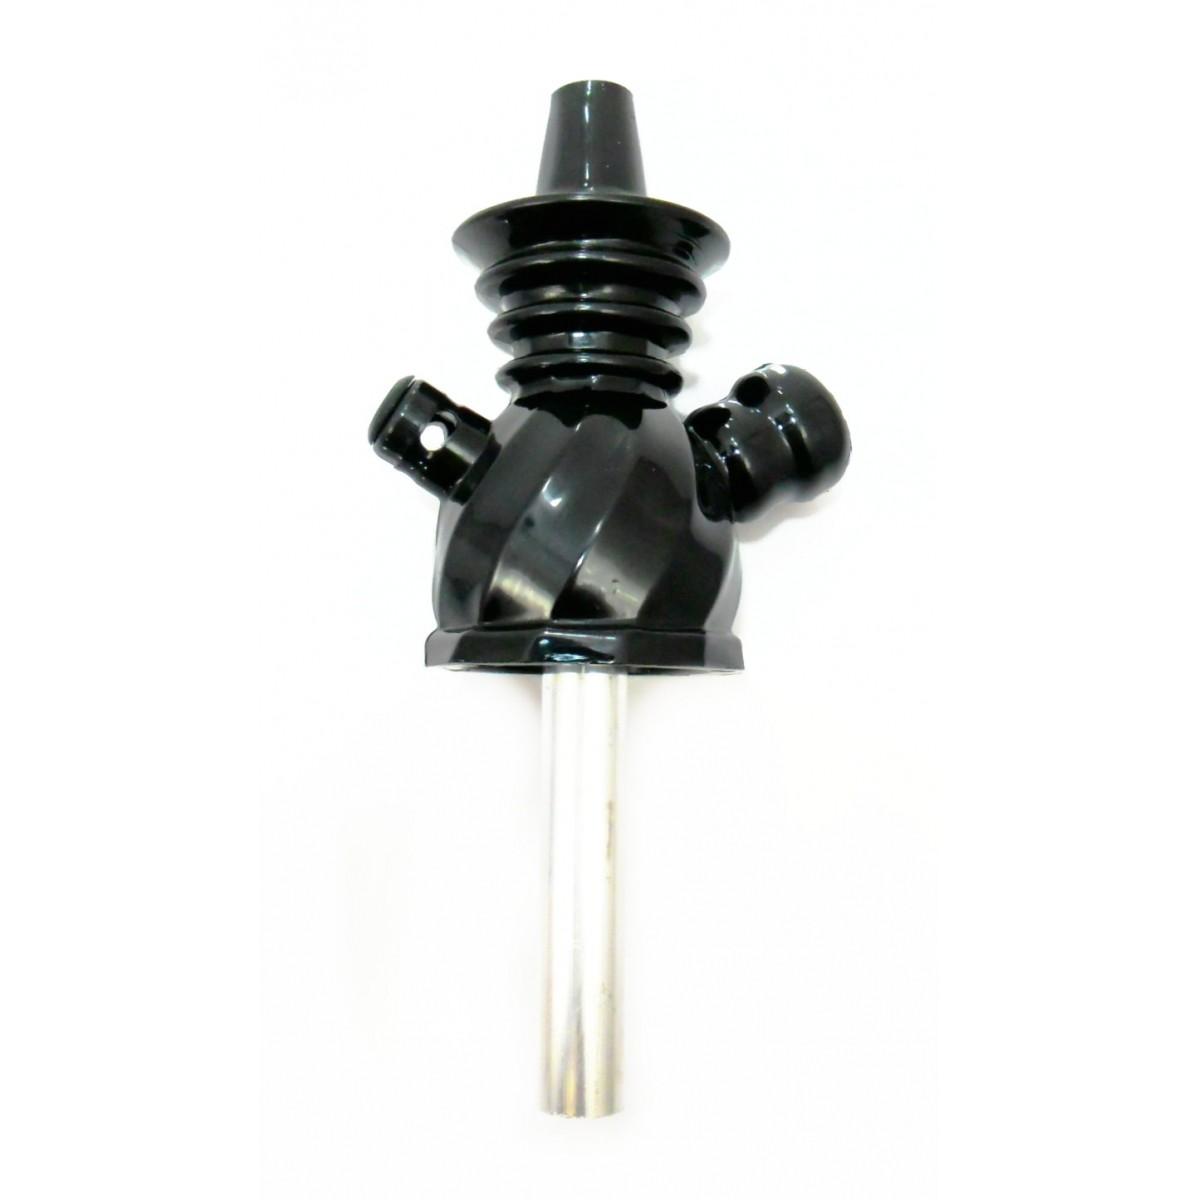 Stem AHALALOUD CONCEPT em polipropileno e alumínio, 20 cm de altura total. AHALALOUD_CONCEPT Cor:Preto